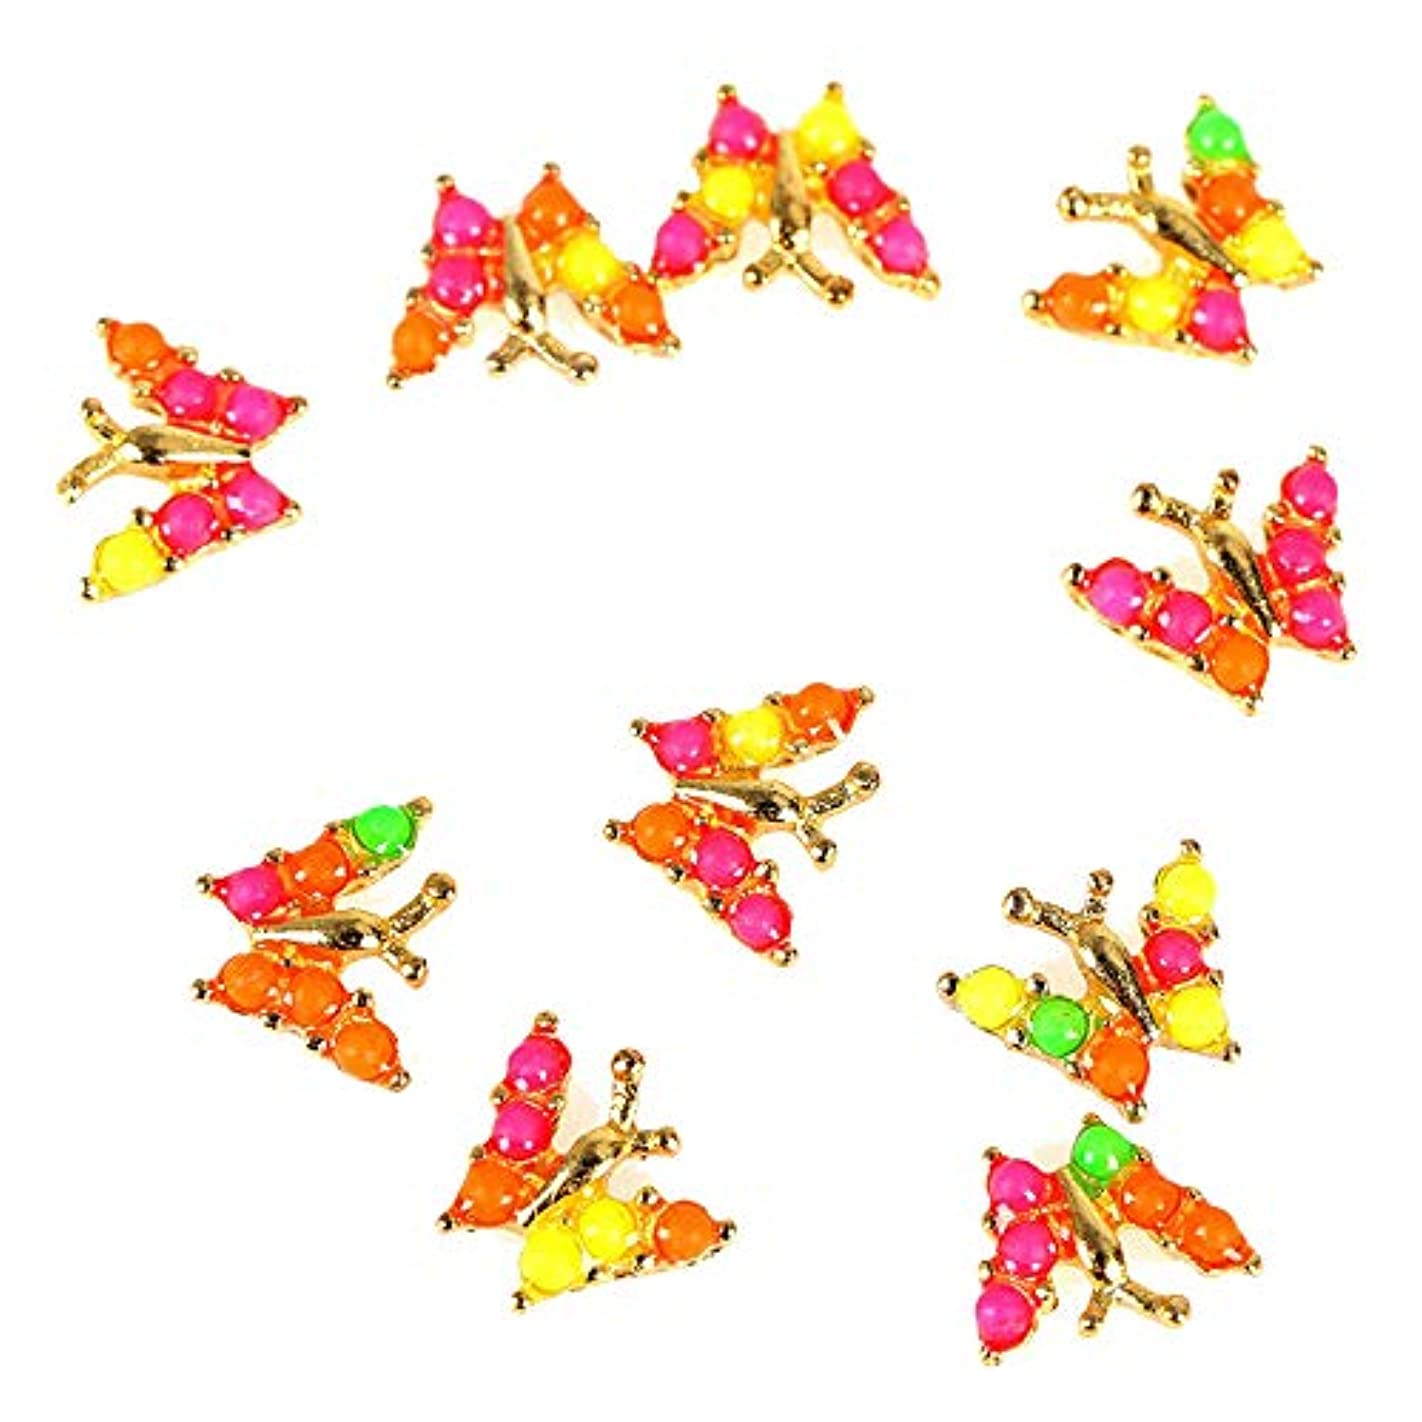 咲く集まる大混乱10個入りグリッターバタフライラインストーン3Dネイルアートの装飾、ネイルジェル/ポーランドツール用合金ネイルステッカーチャームジュエリー